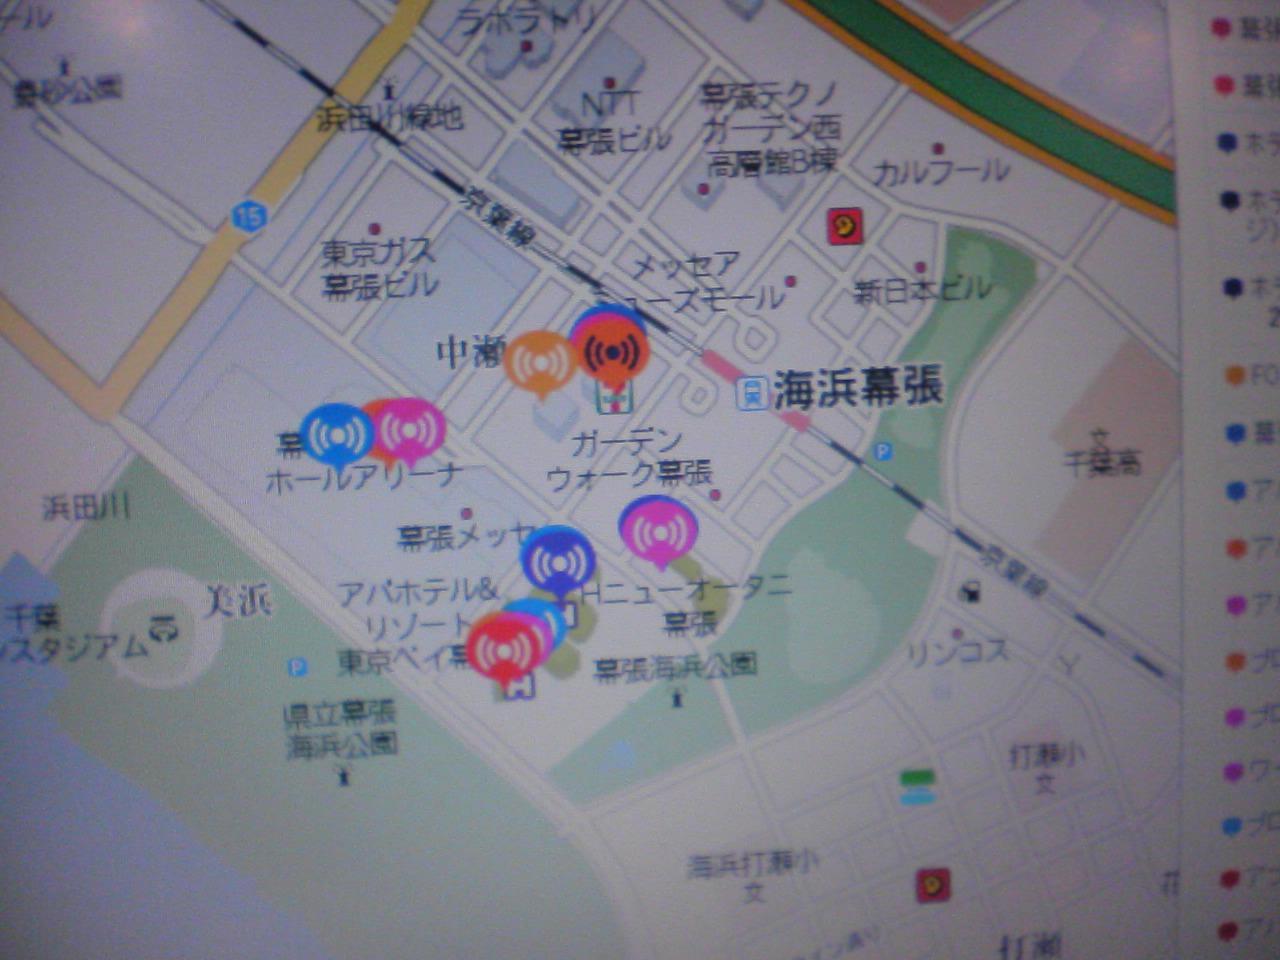 「モバイルマップ」のPlaceEngine連携機能